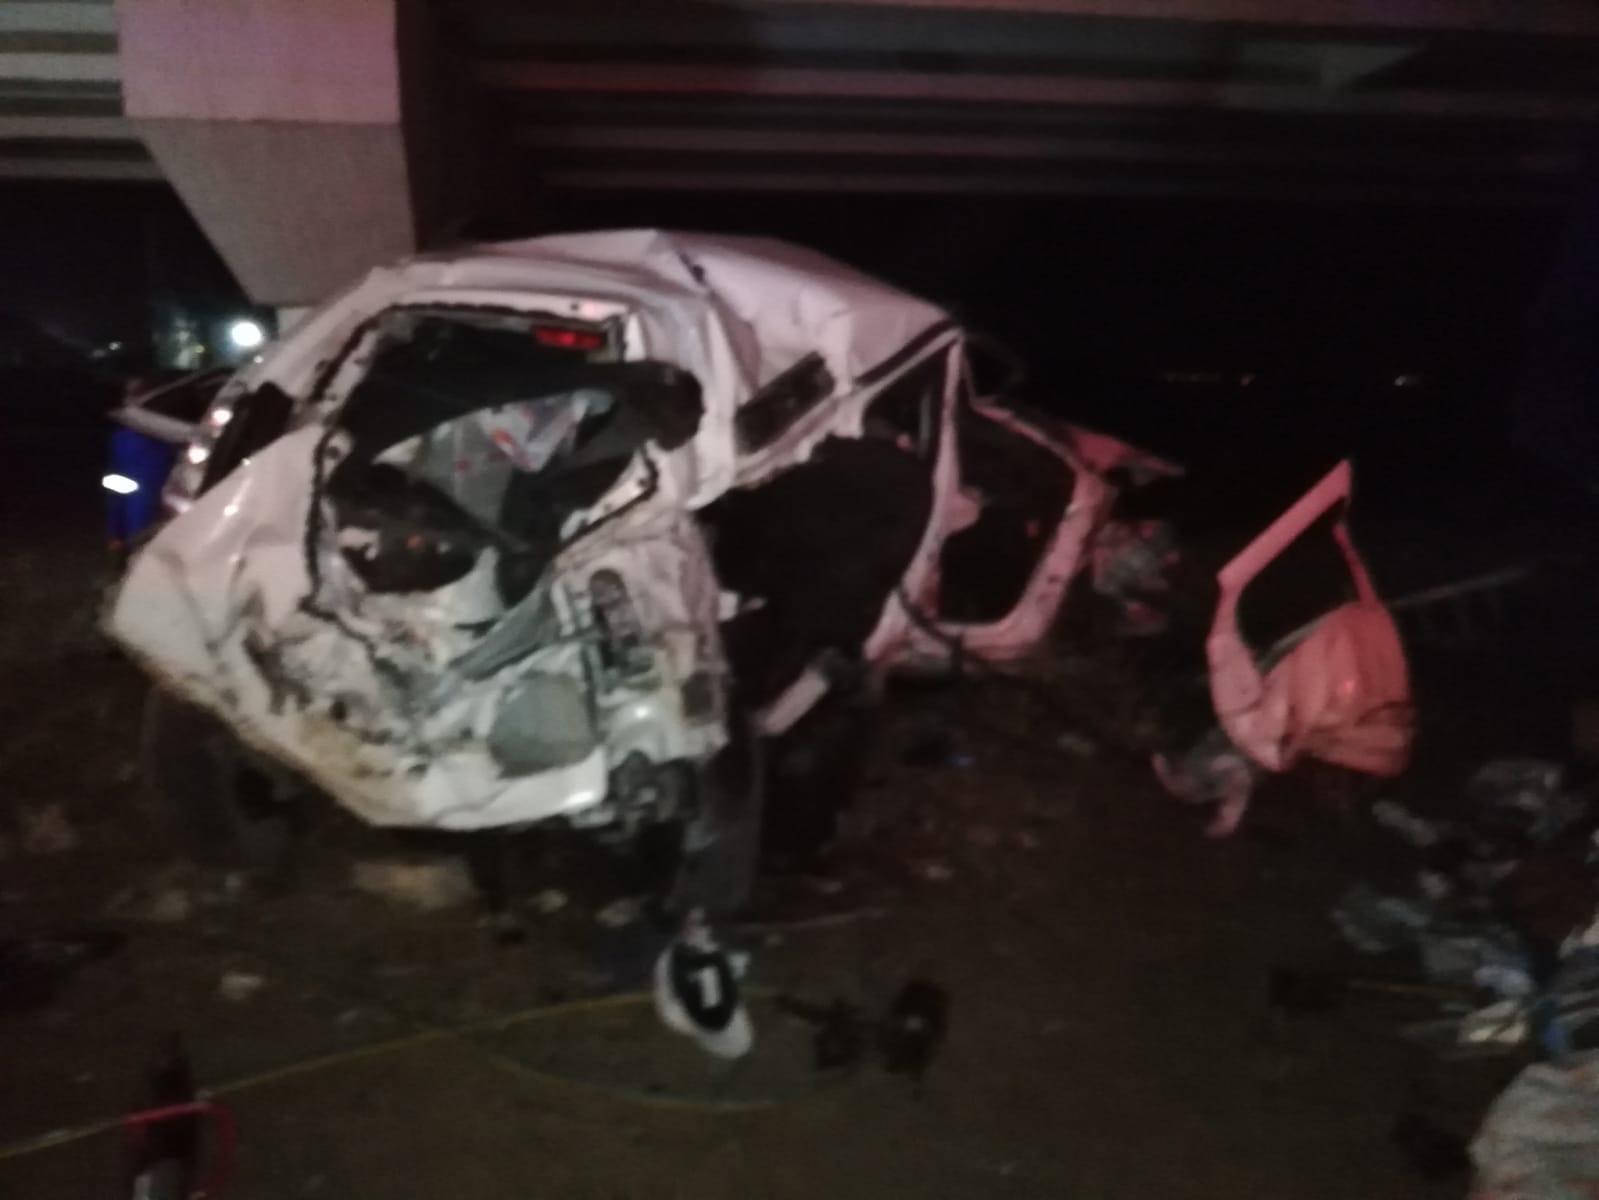 Batman'da traktör, TIR ve otomobil çarpıştı: 2 ölü, 3 yaralı